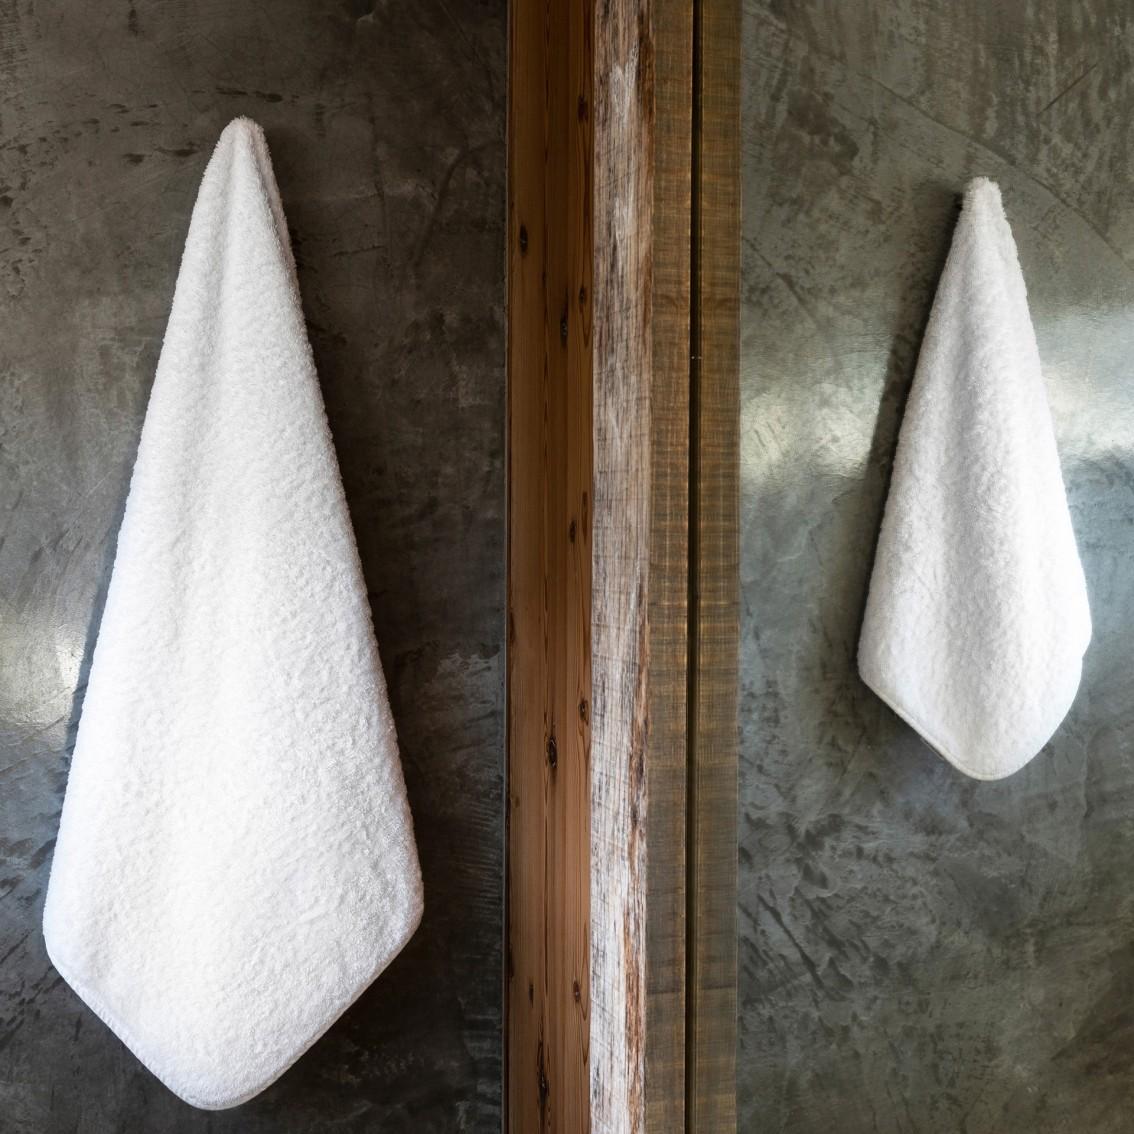 EGOIST CARE TOWELS